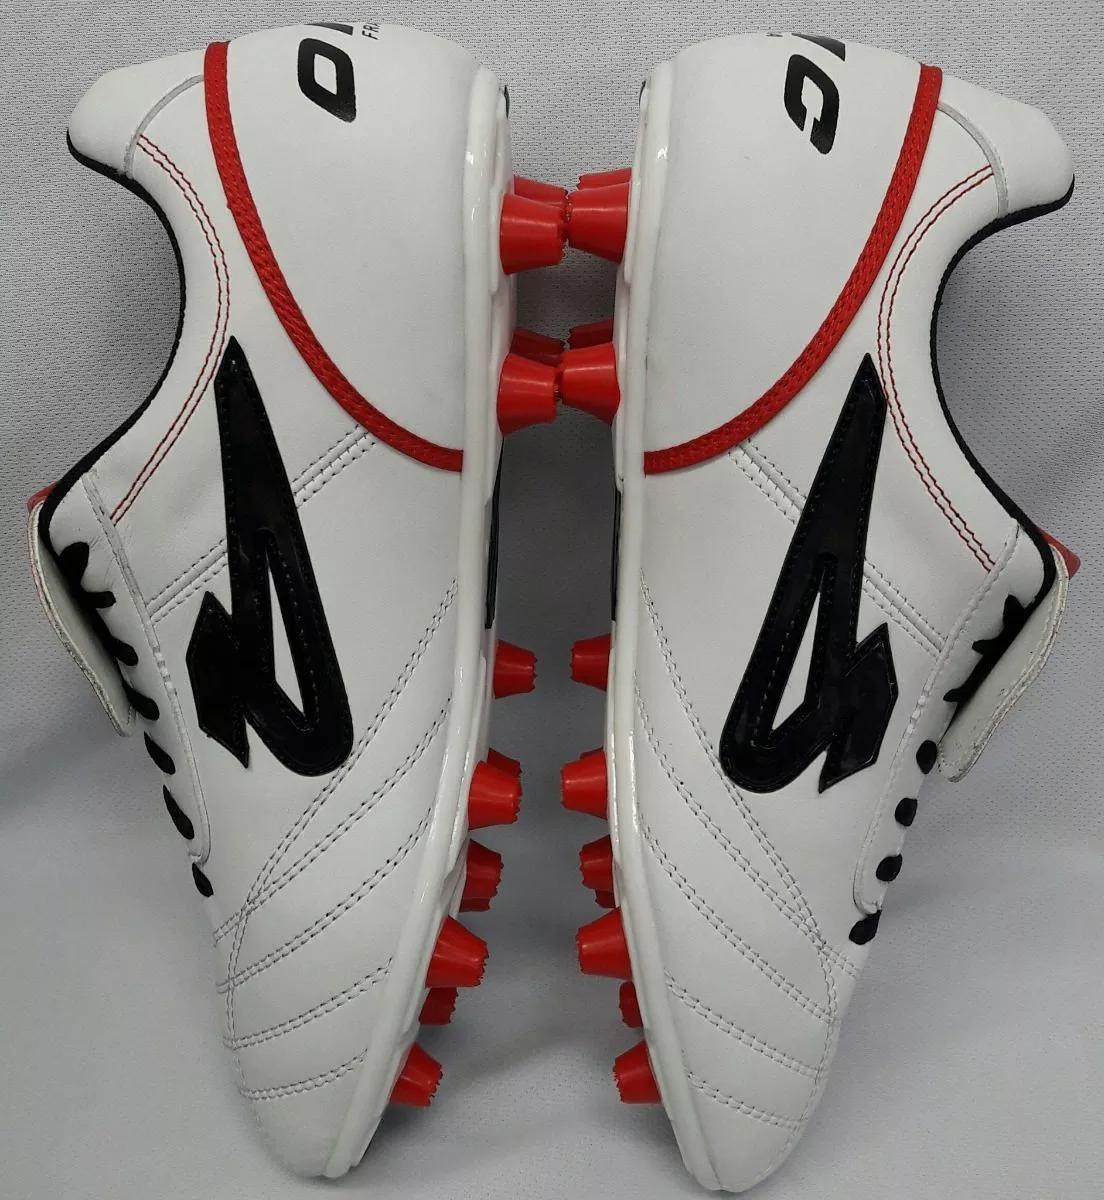 e9c85180e8681 zapato fútbol olmeca francia blanco original envgratis expre. Cargando zoom.